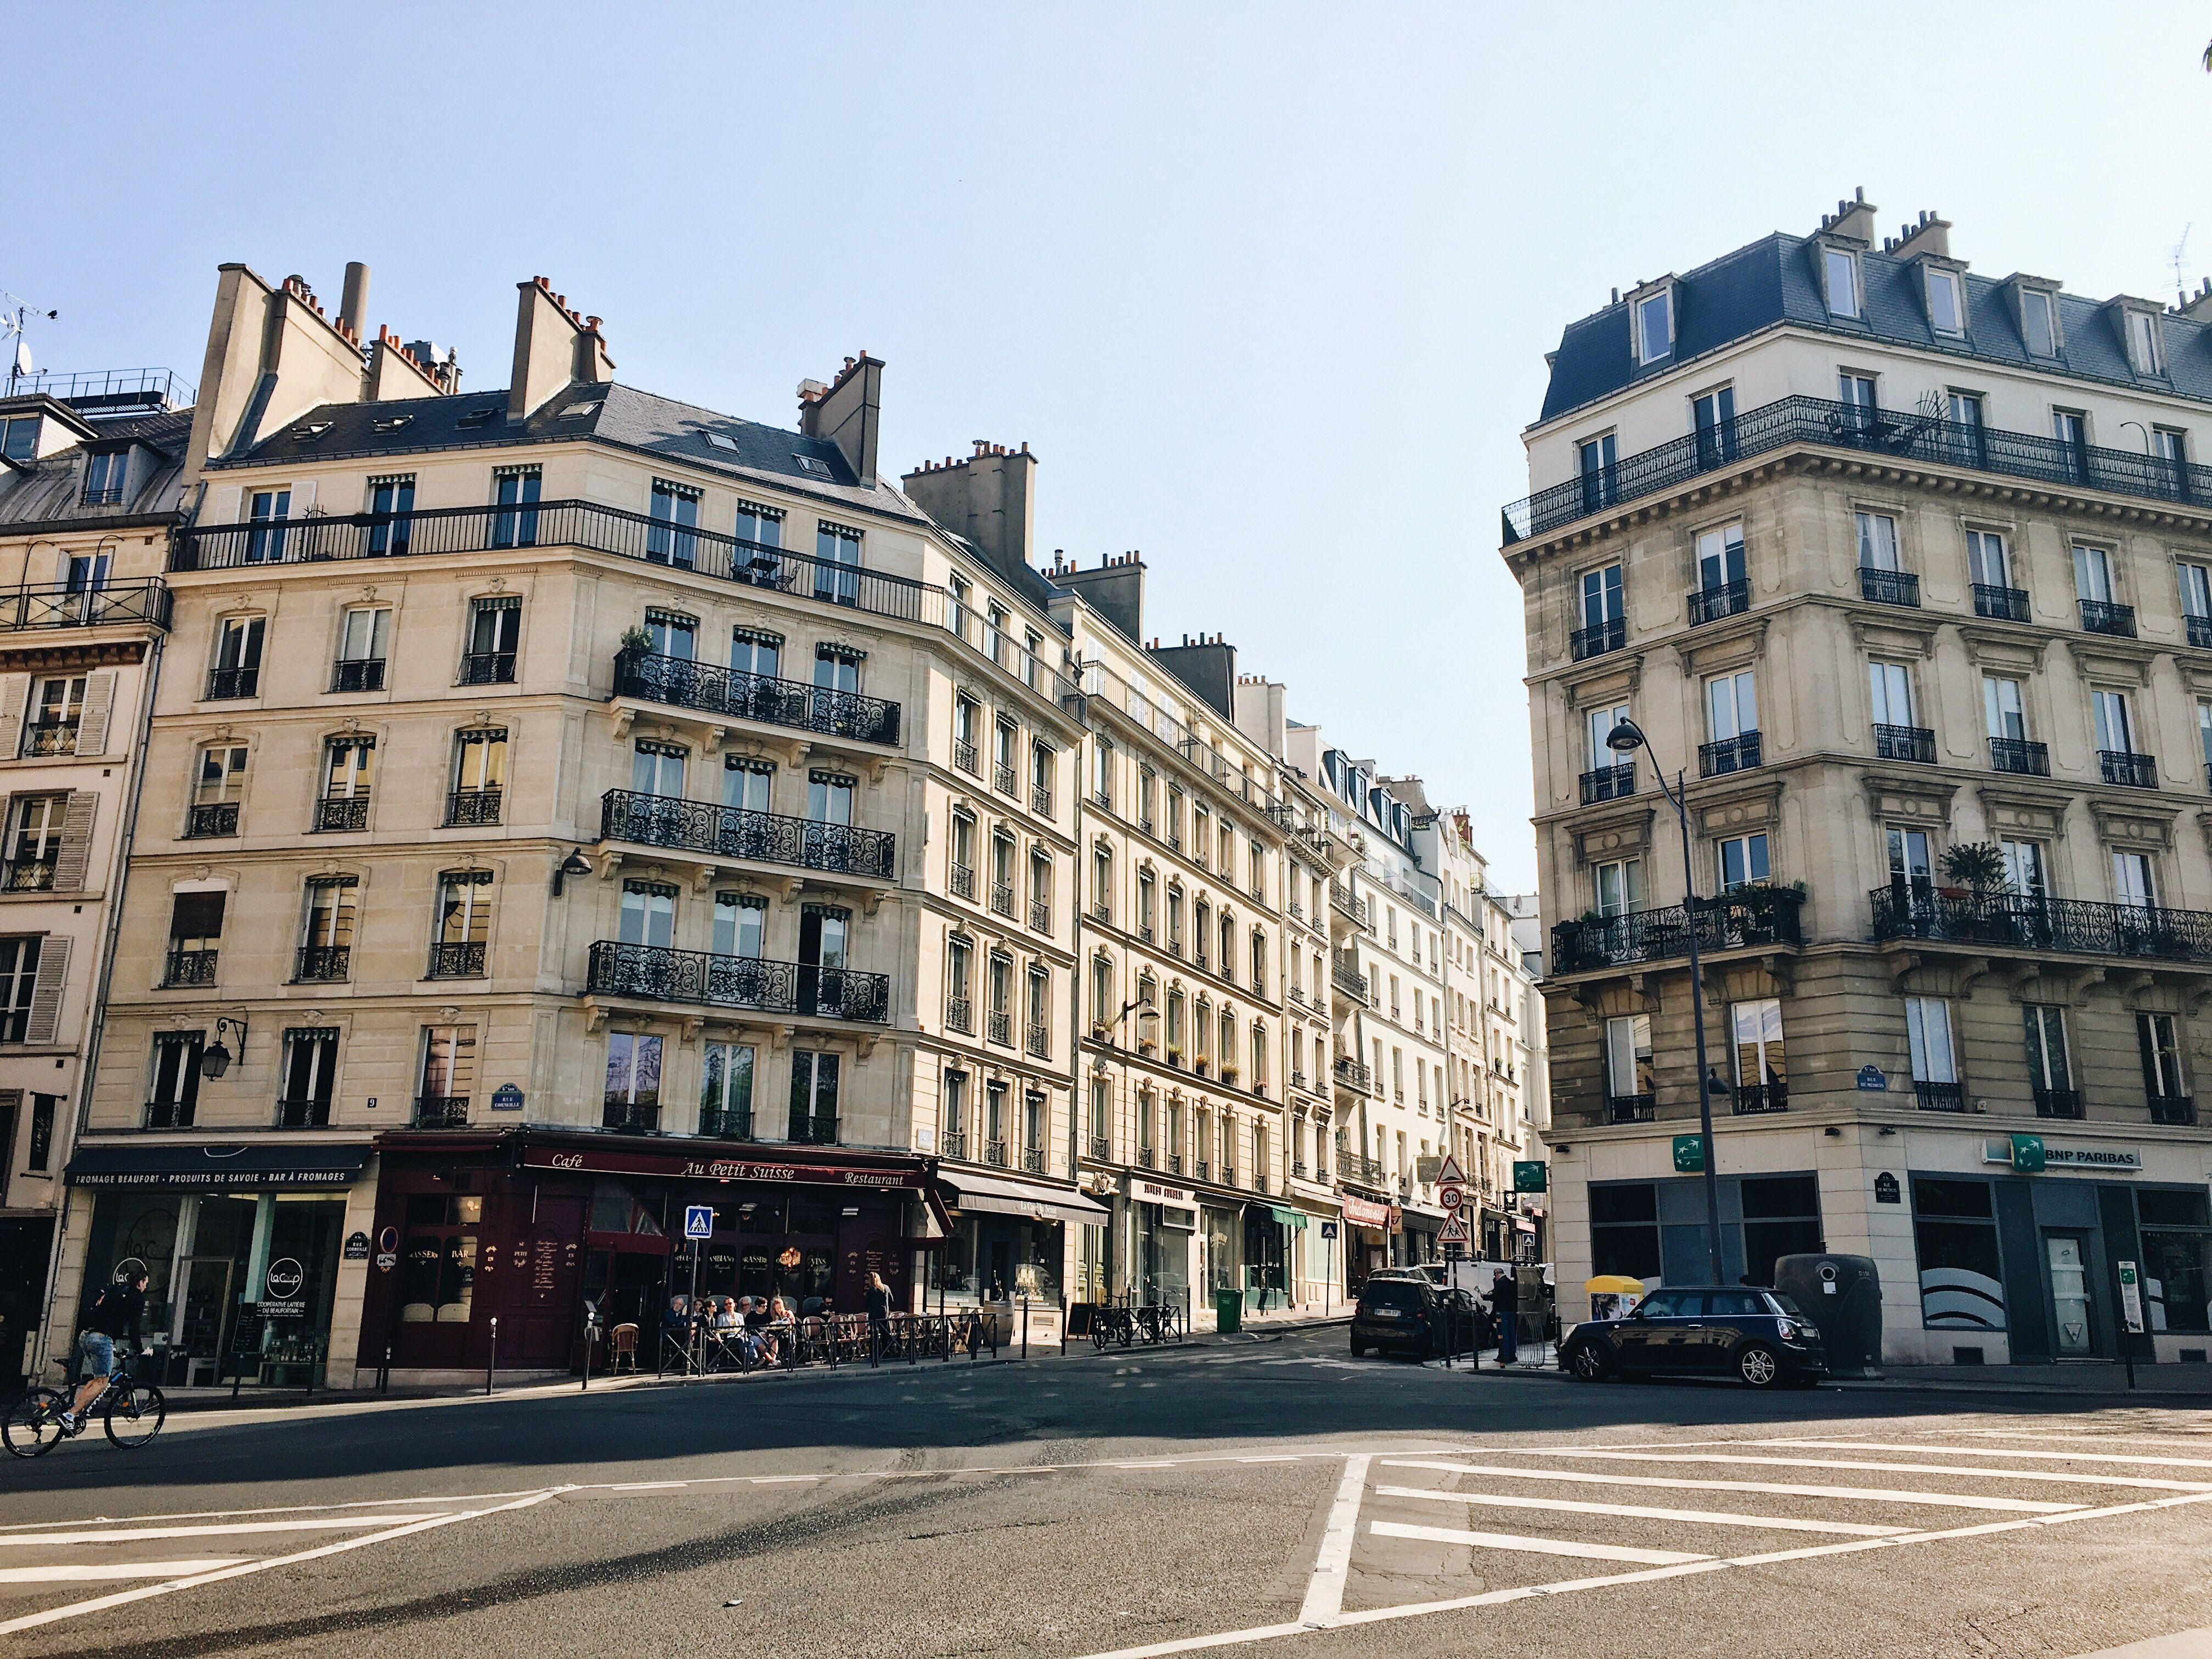 Pin By K R I S T I N V I C T O R I A On P A R I S City Landscape Paris Street Landscape